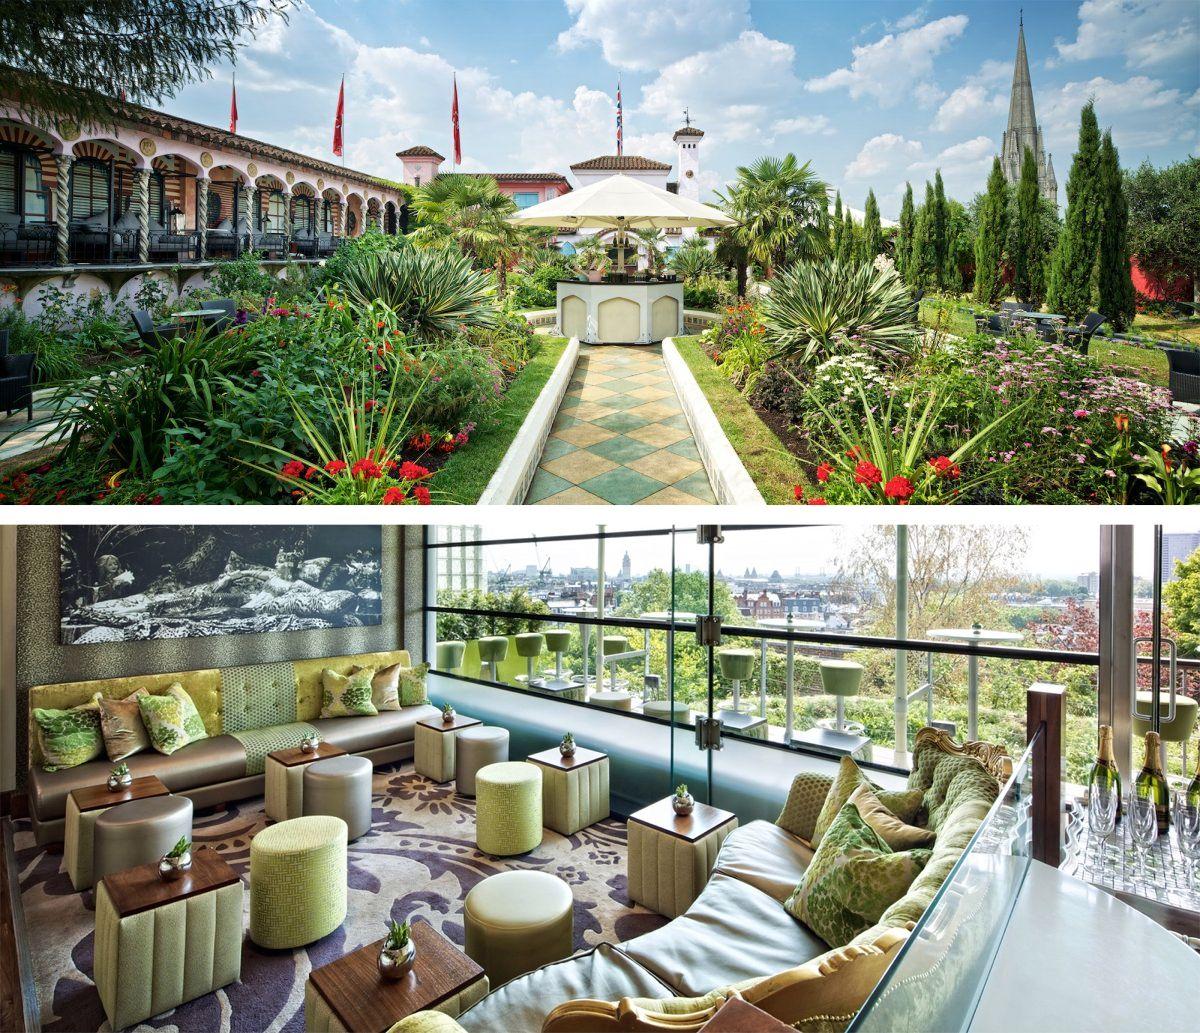 Kensington Roof Gardens (The Roof Gardens, Derry & Toms) - Greenroofs.com